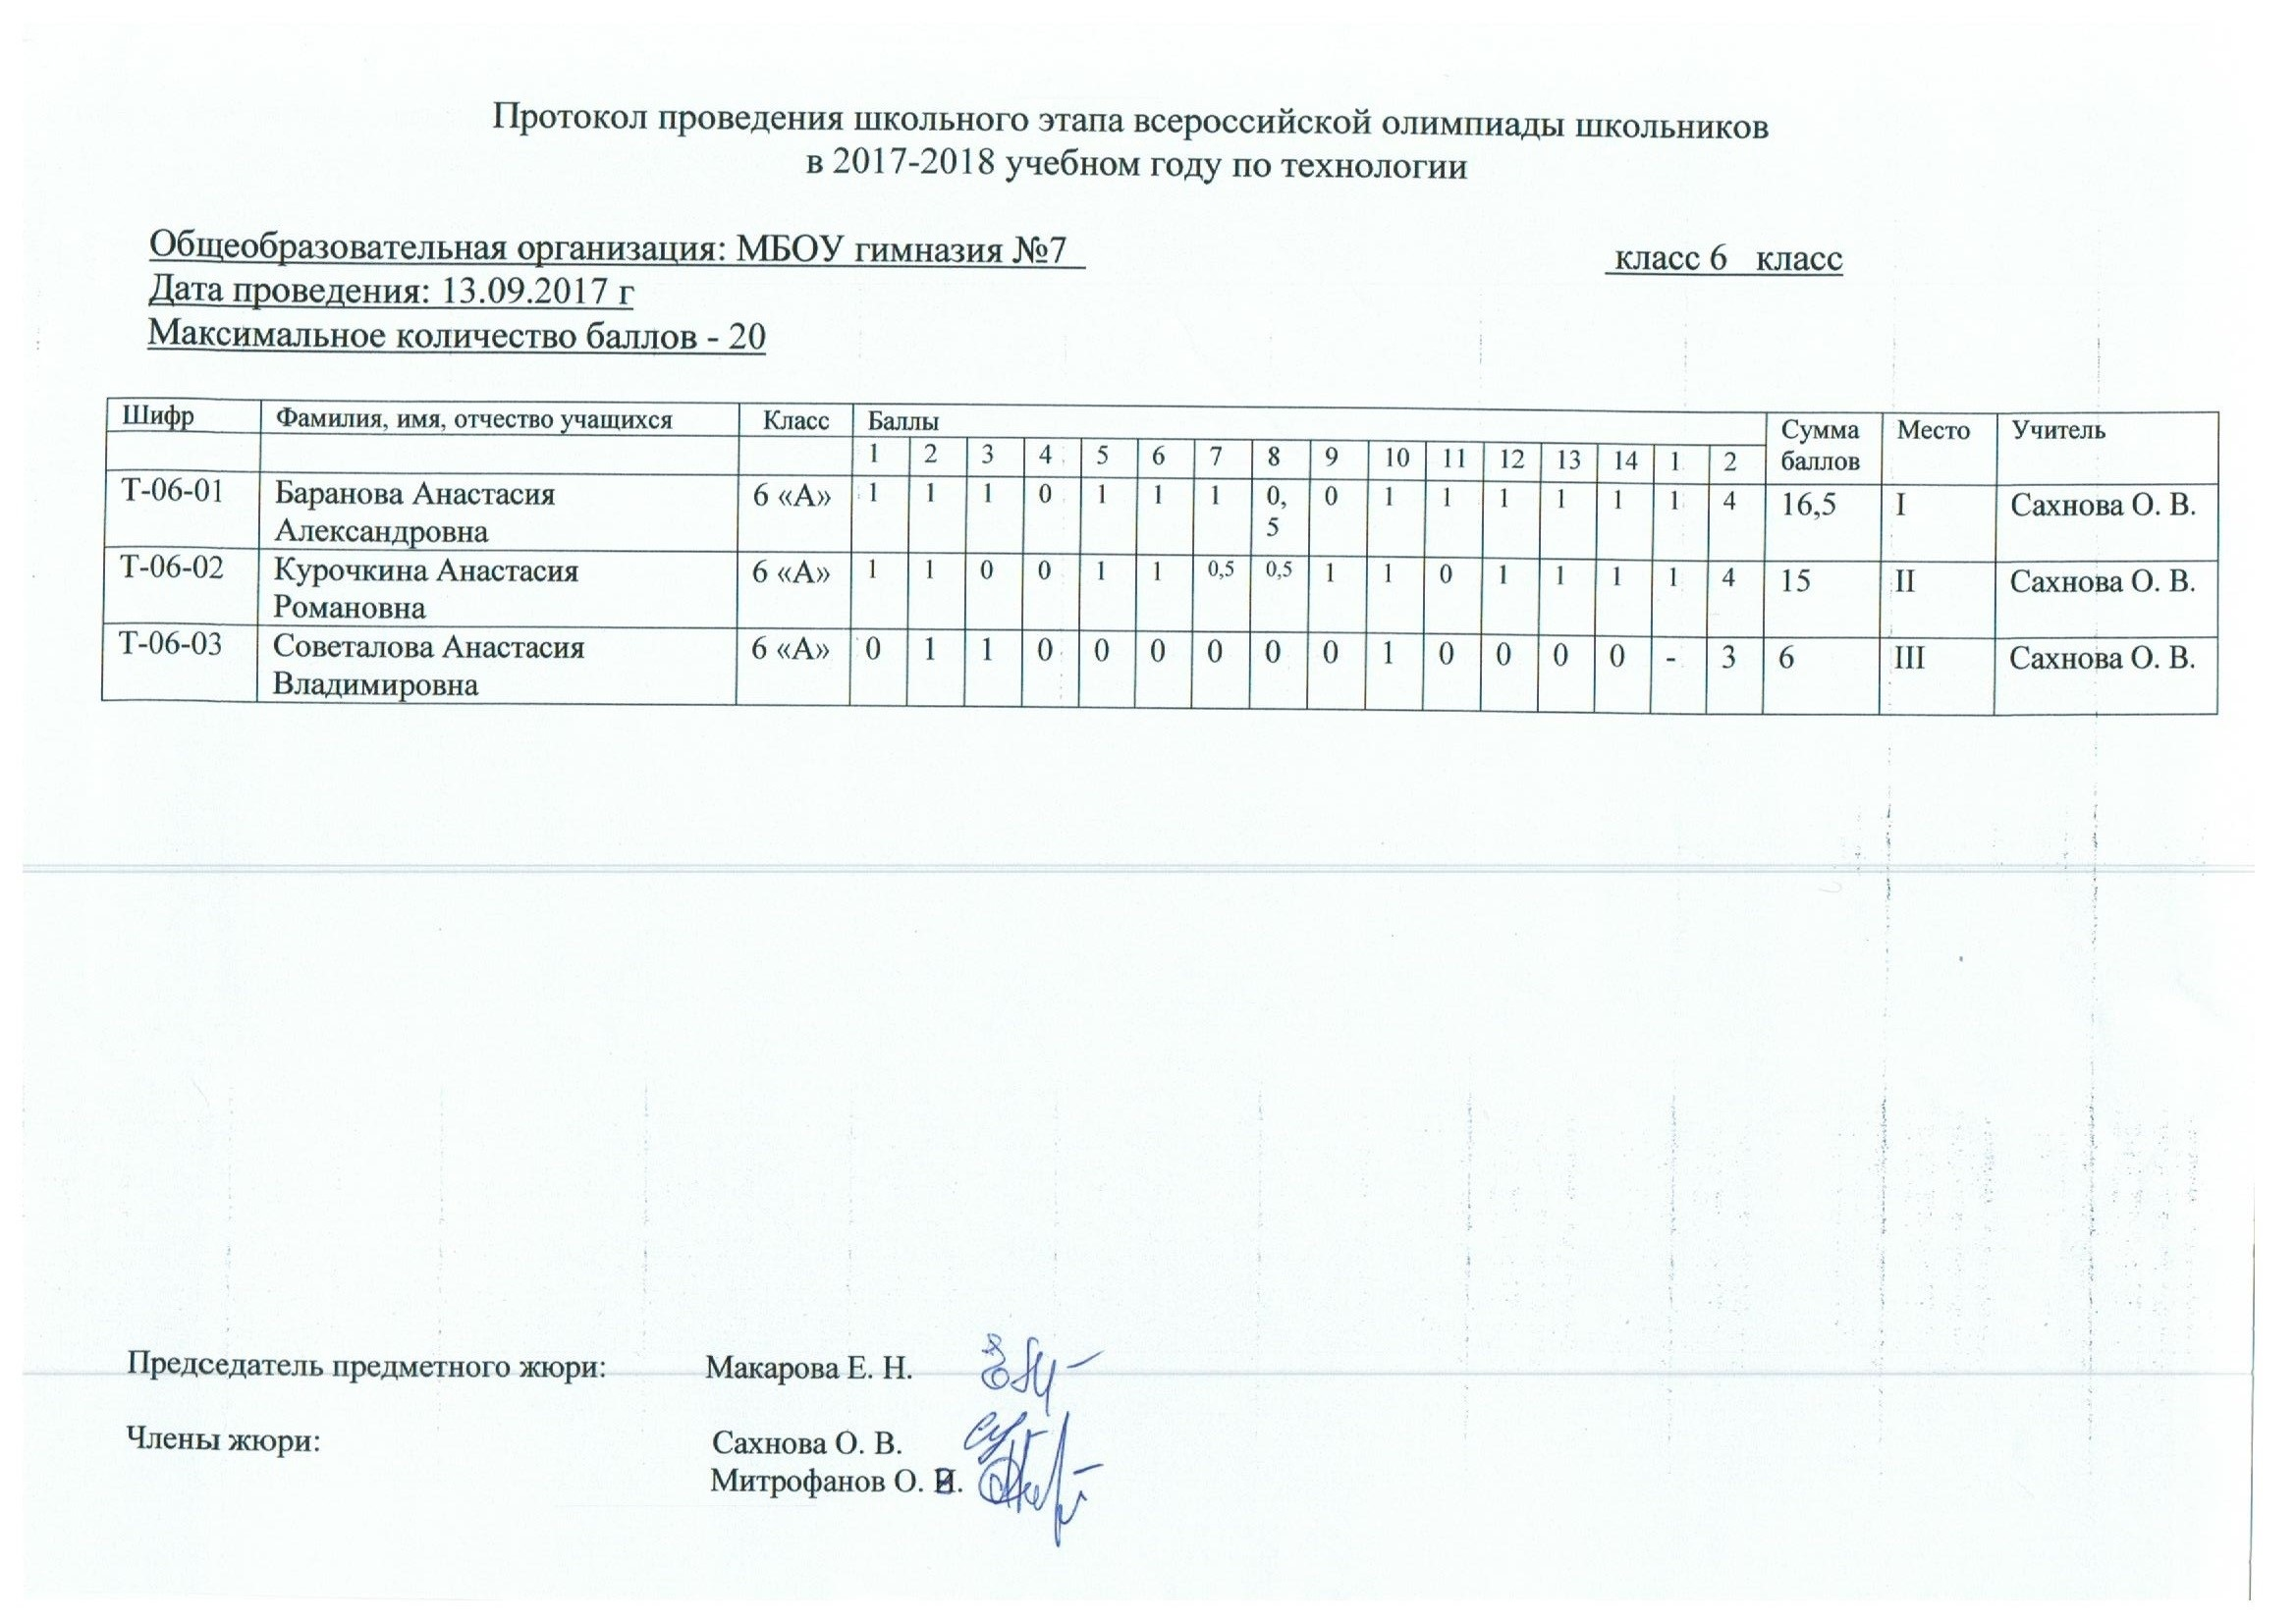 Чемпионат по математике 8-9 класс с ответами